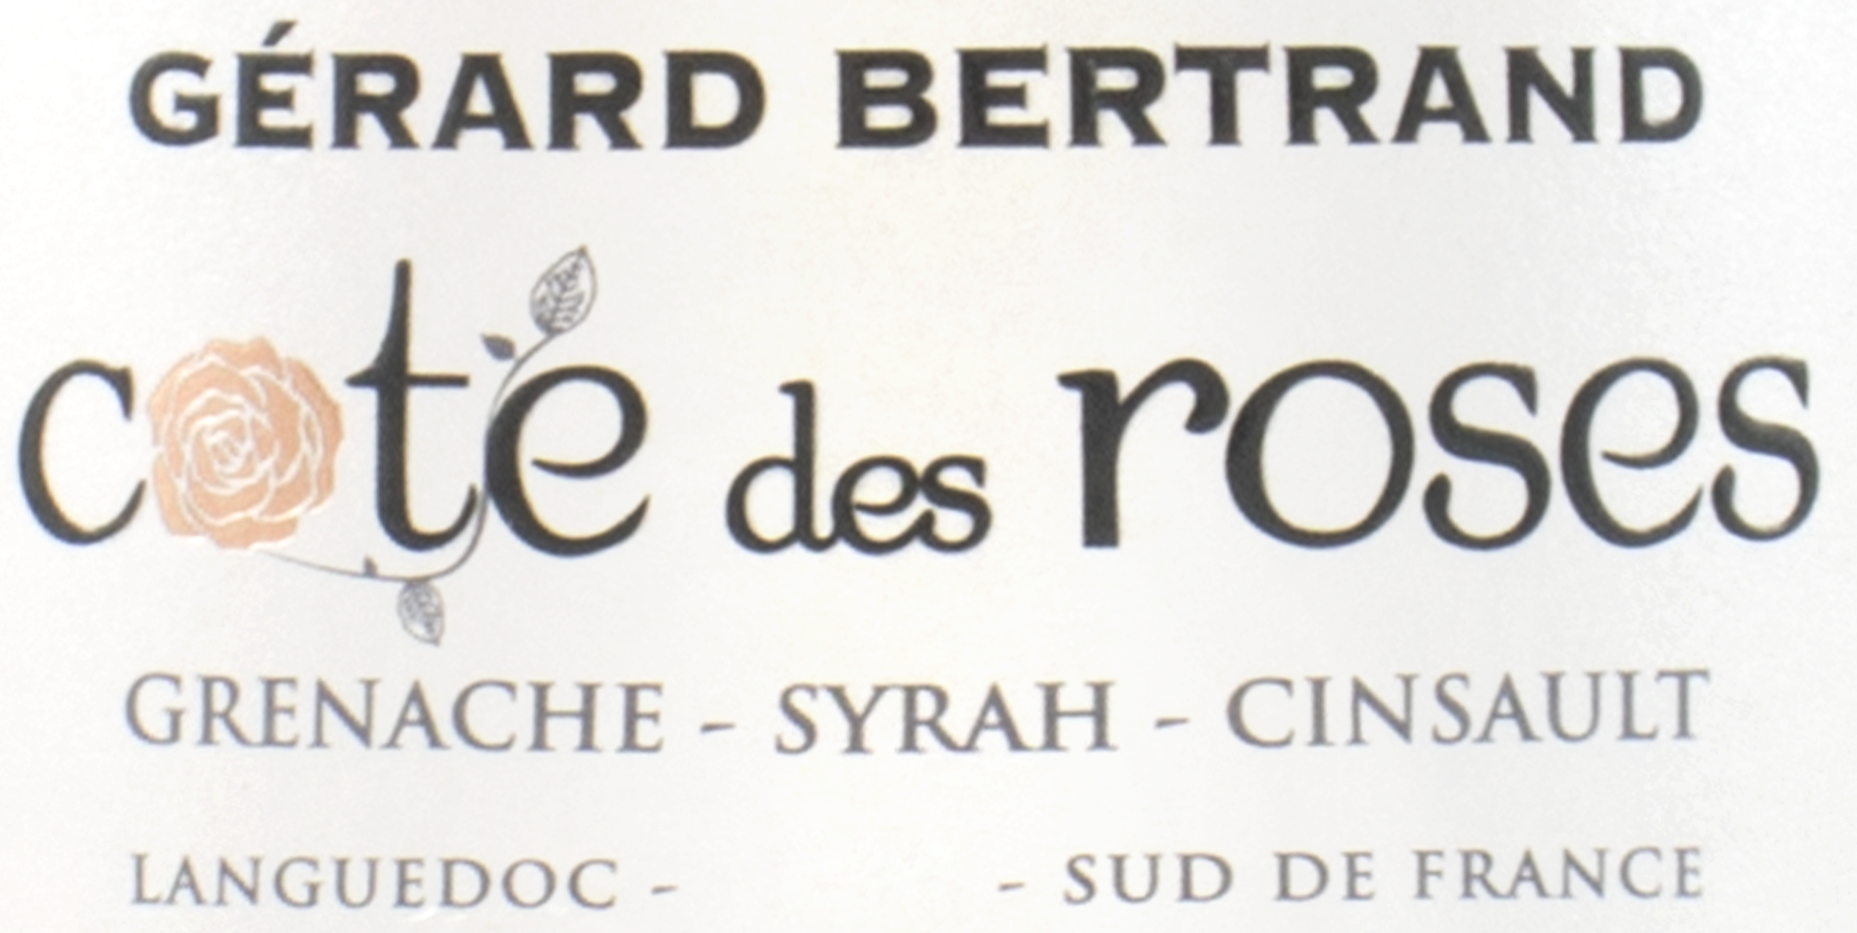 Gerard Bertrand Cote Des Roses Rose 2019